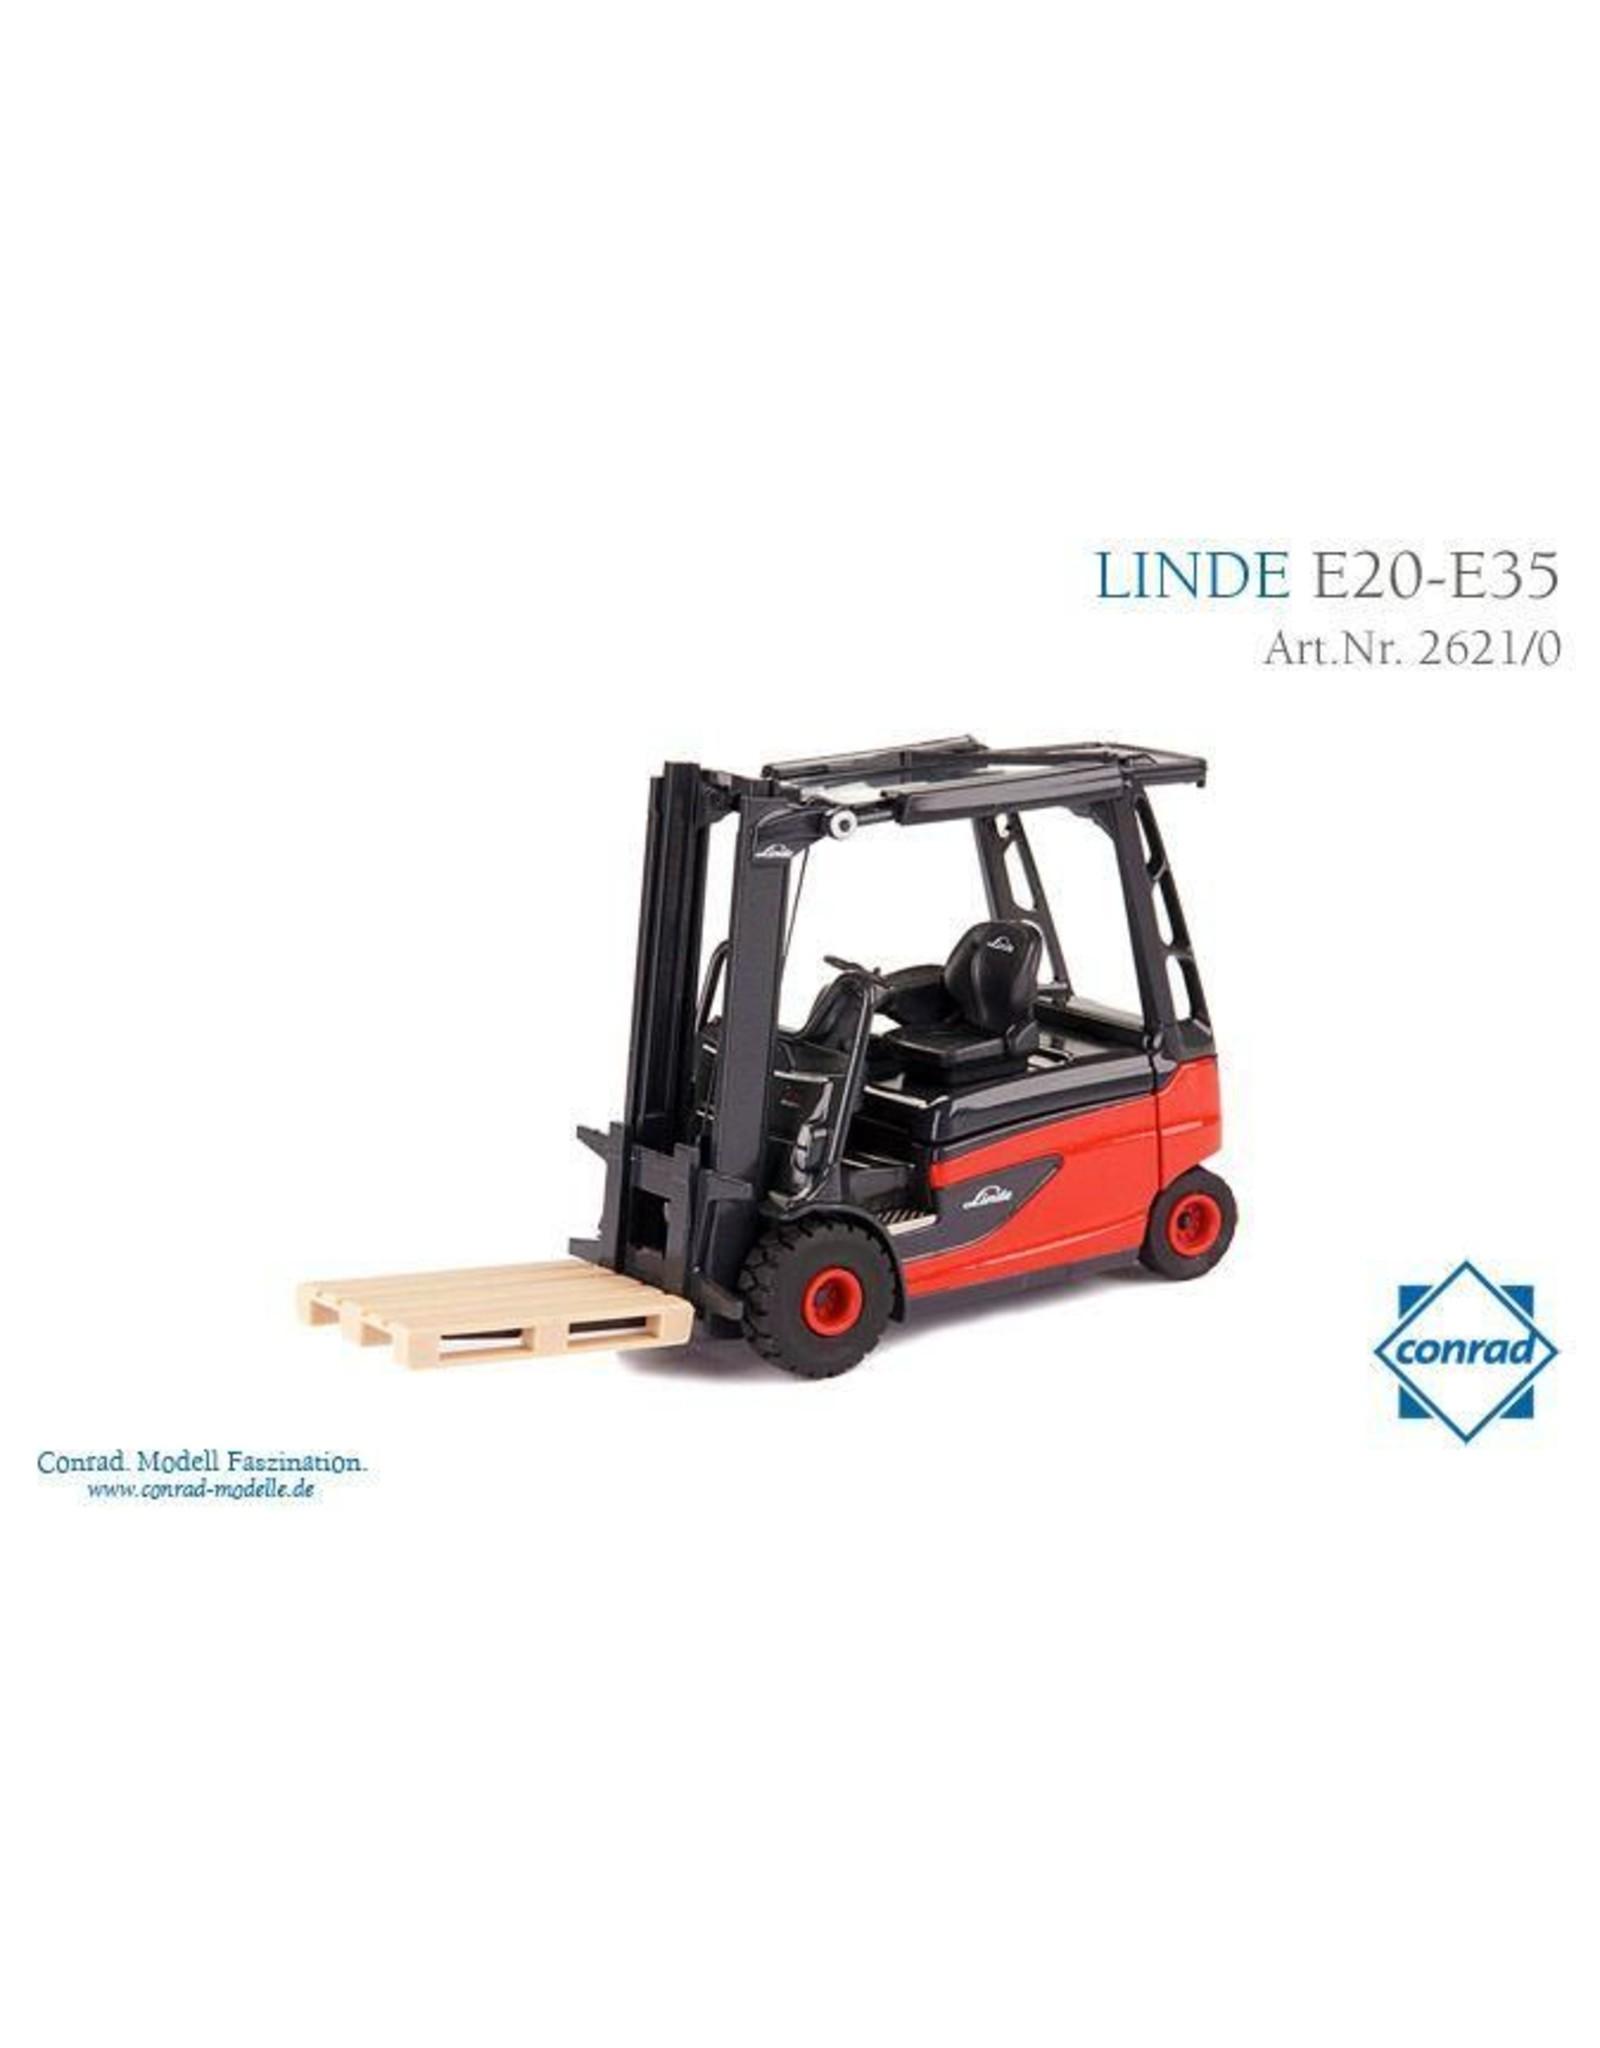 Linde Linde Elektro-Stapler E20 - E35 Roadster - 1:25 - Conrad